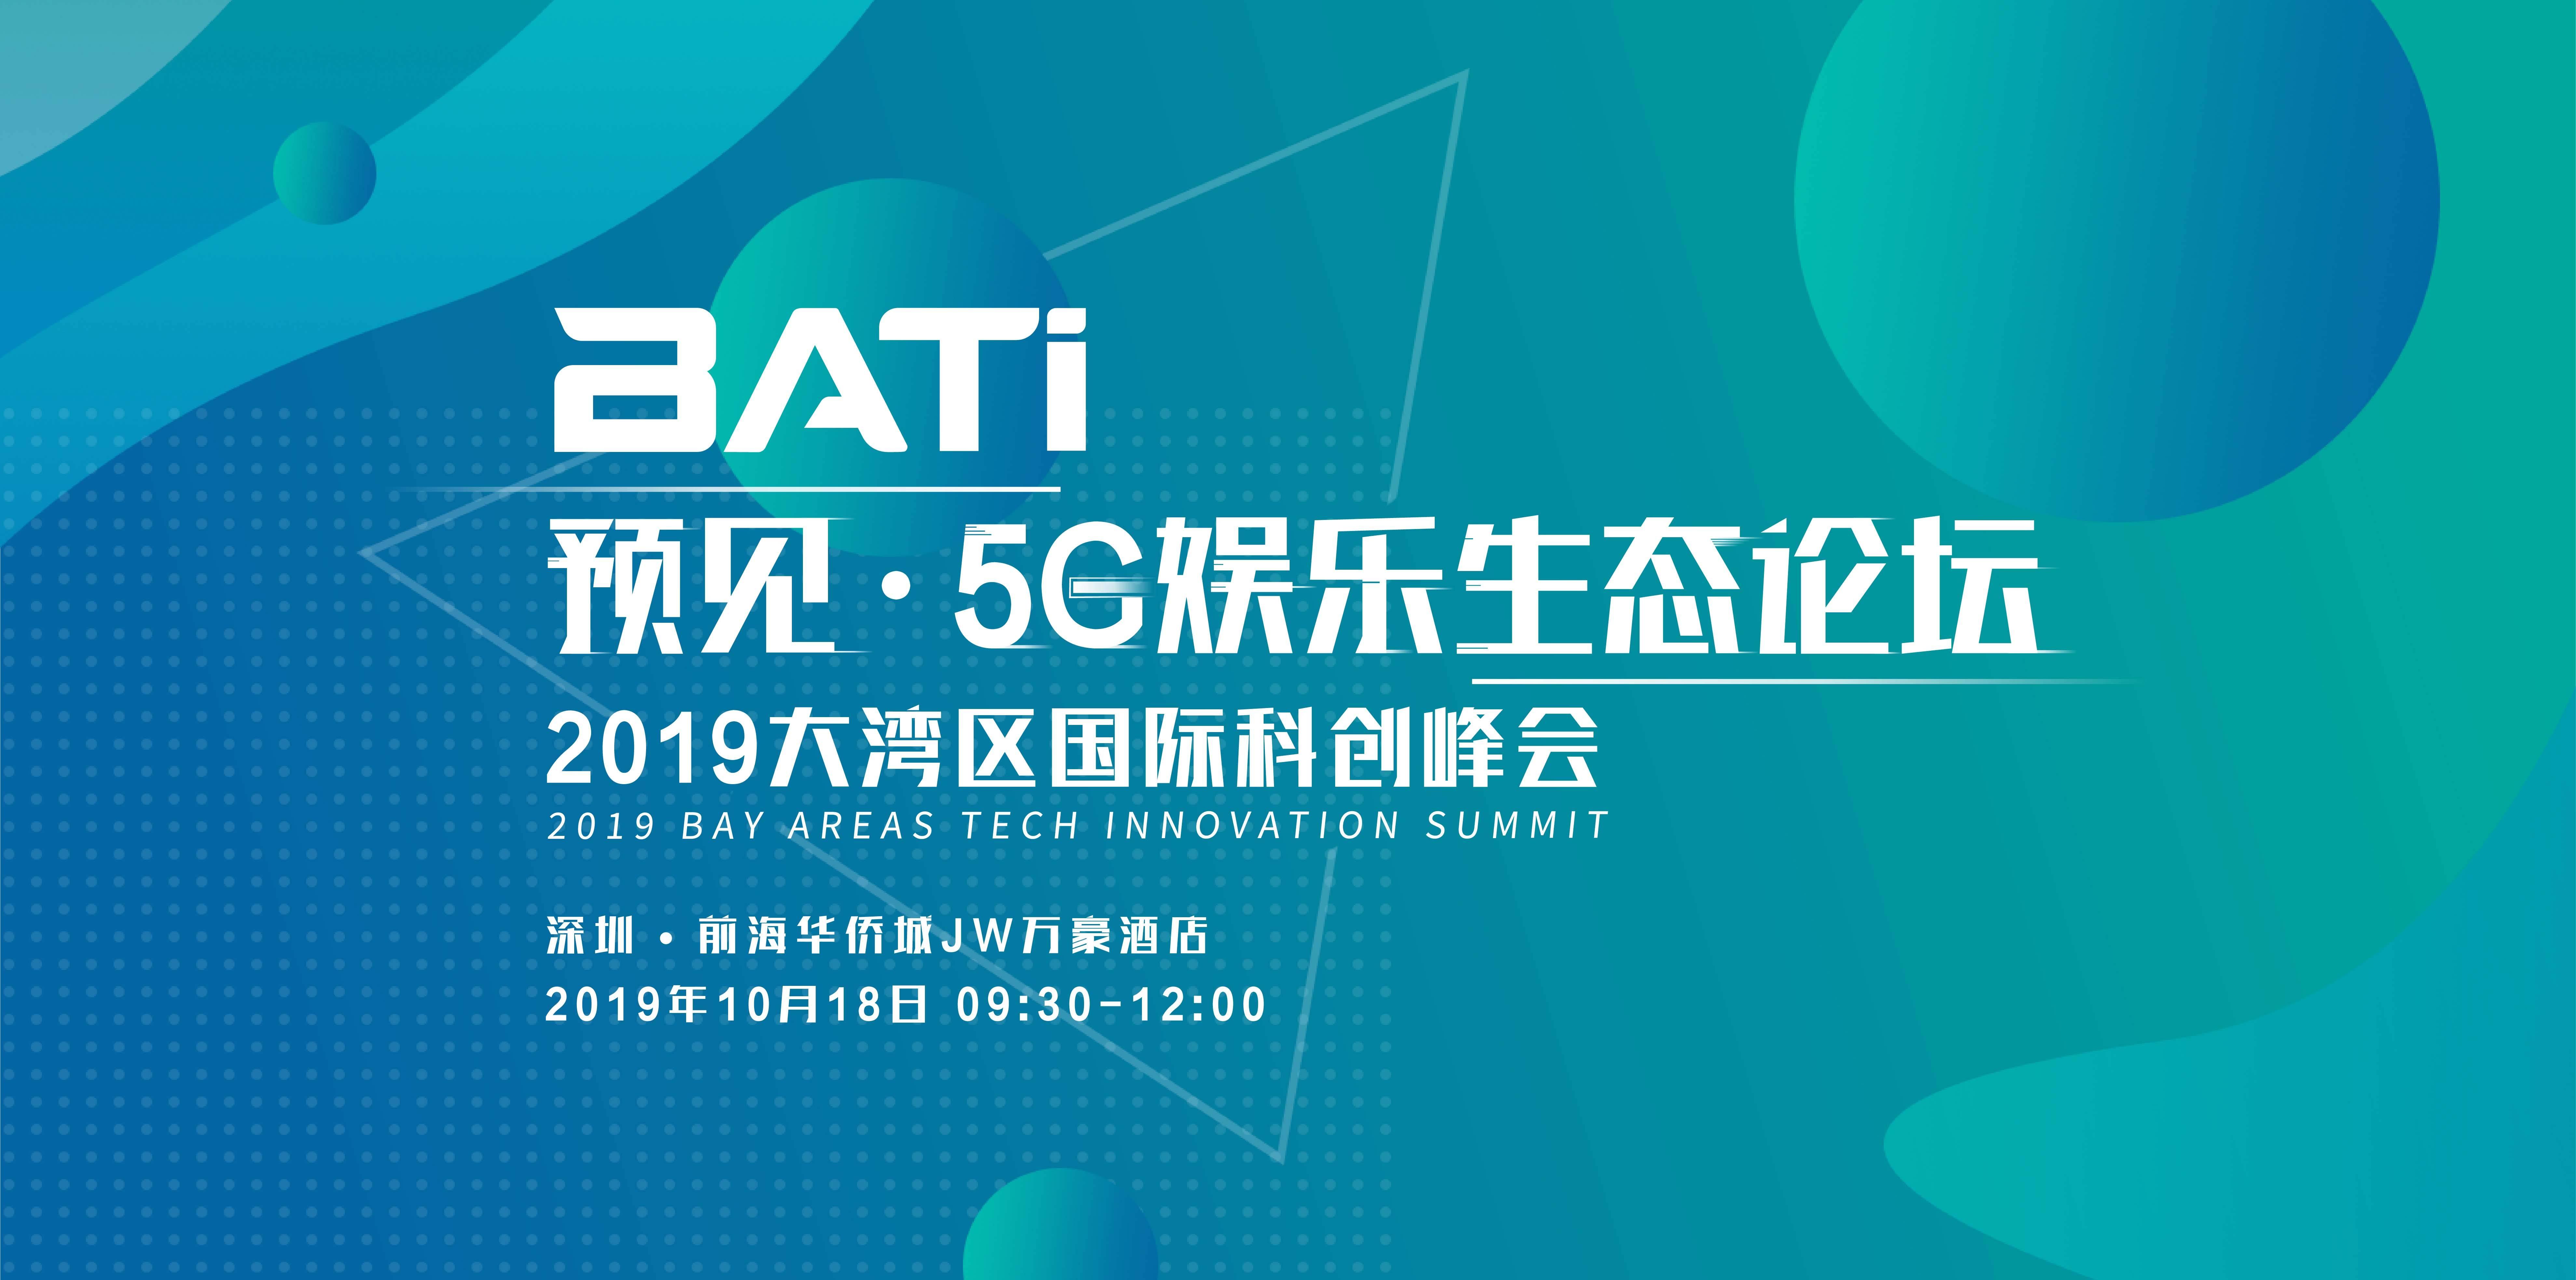 【活动】预见·5G娱乐生态论坛-亿欧